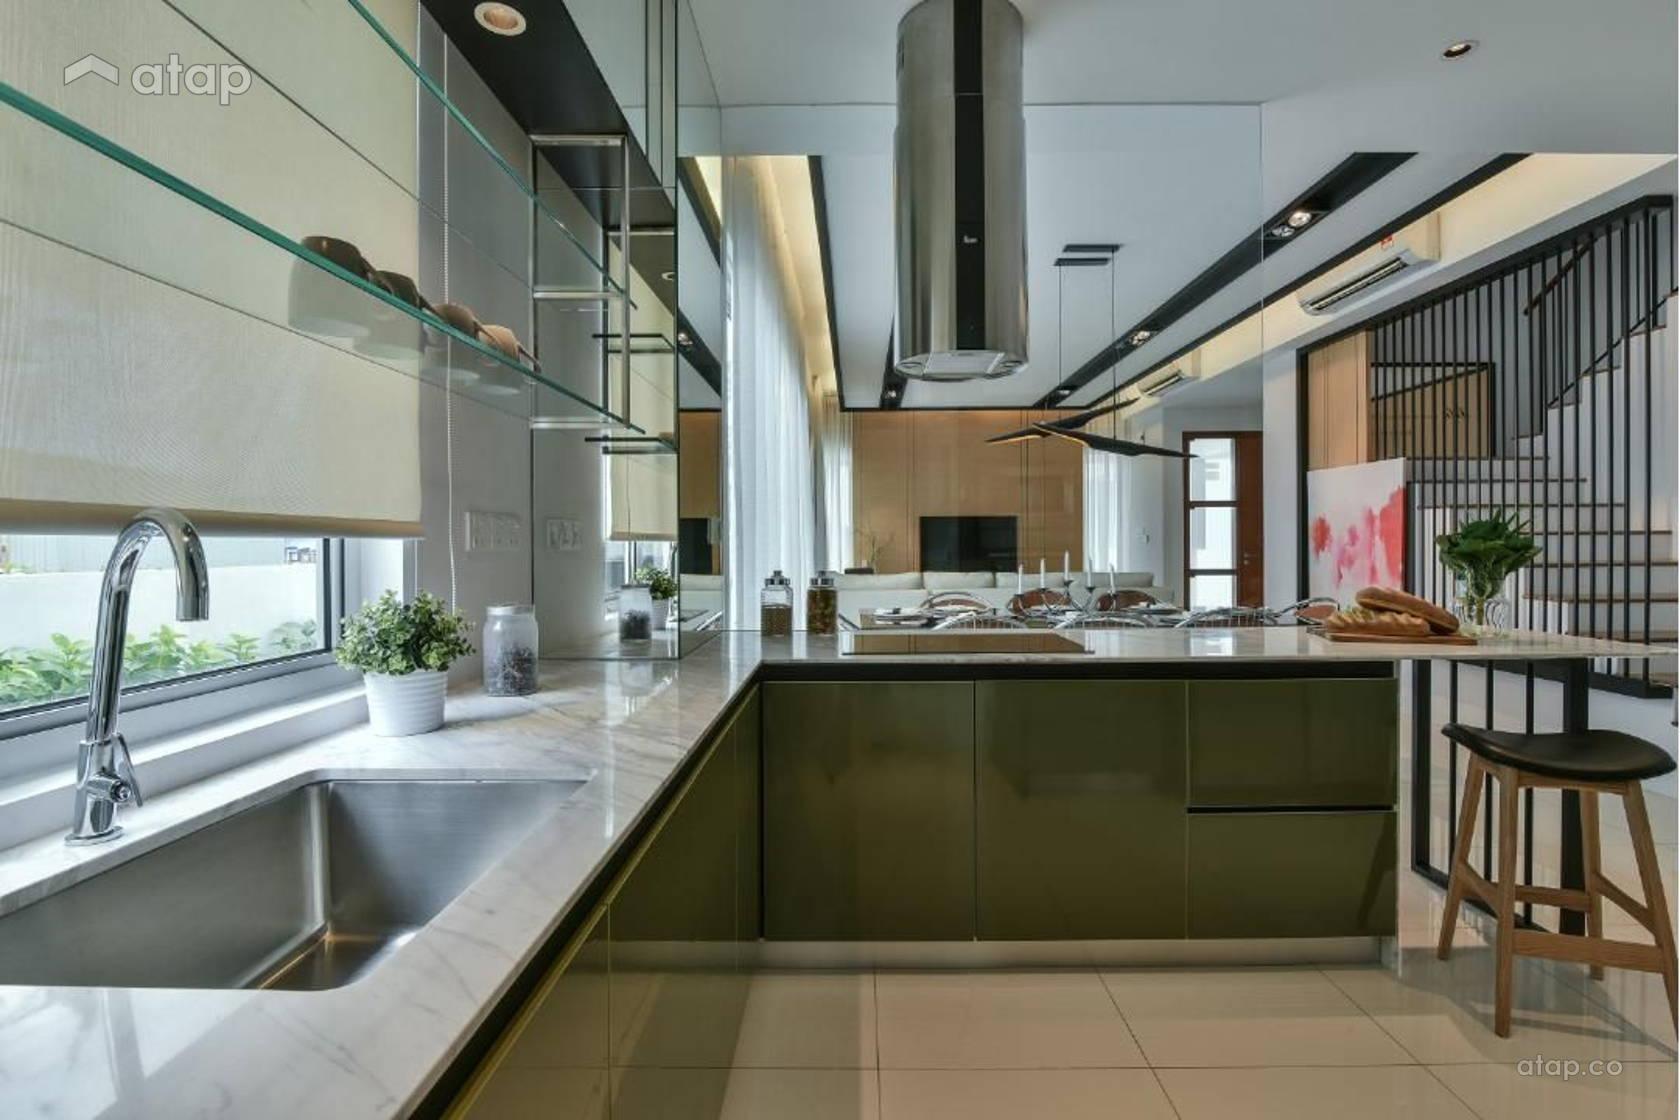 Contemporary Modern Kitchen Terrace Design Ideas Photos Malaysia Atap Co